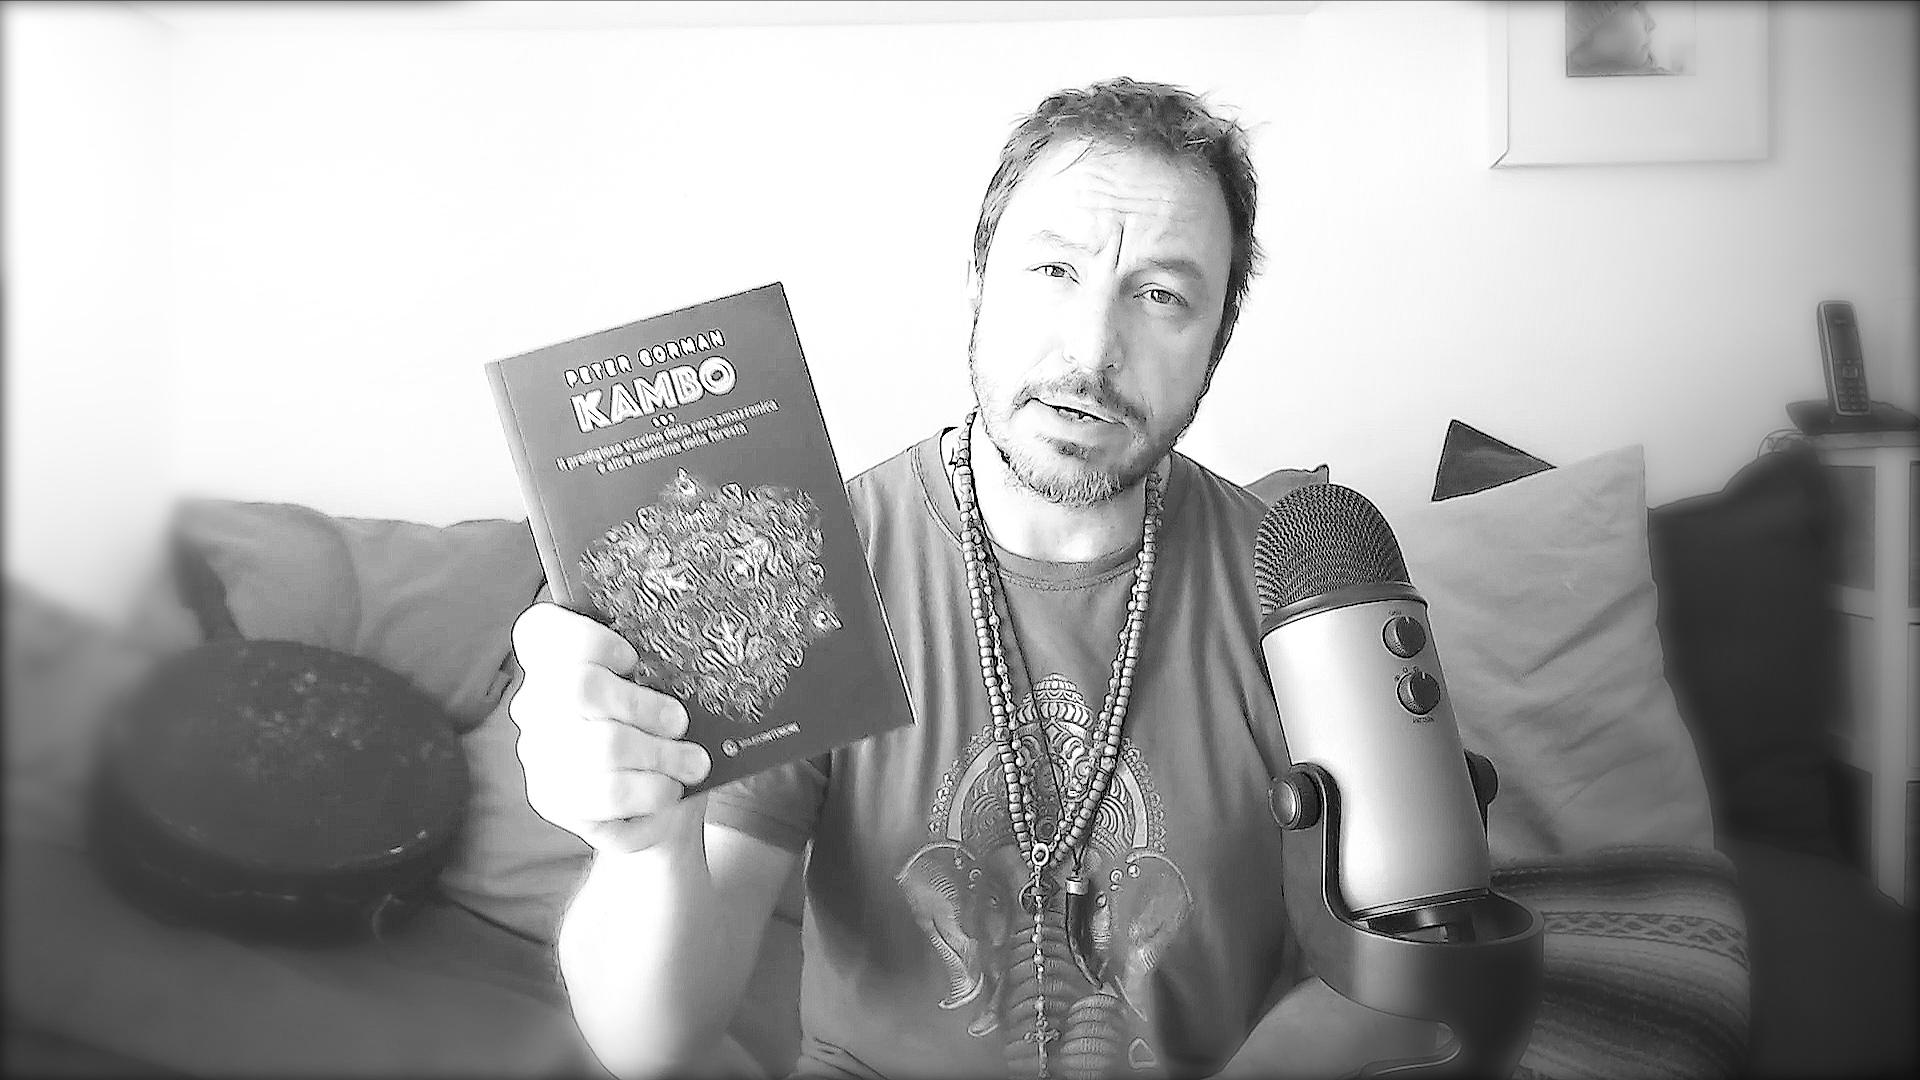 """Potete leggere il libro """"Kambo"""" di Peter Gorman"""